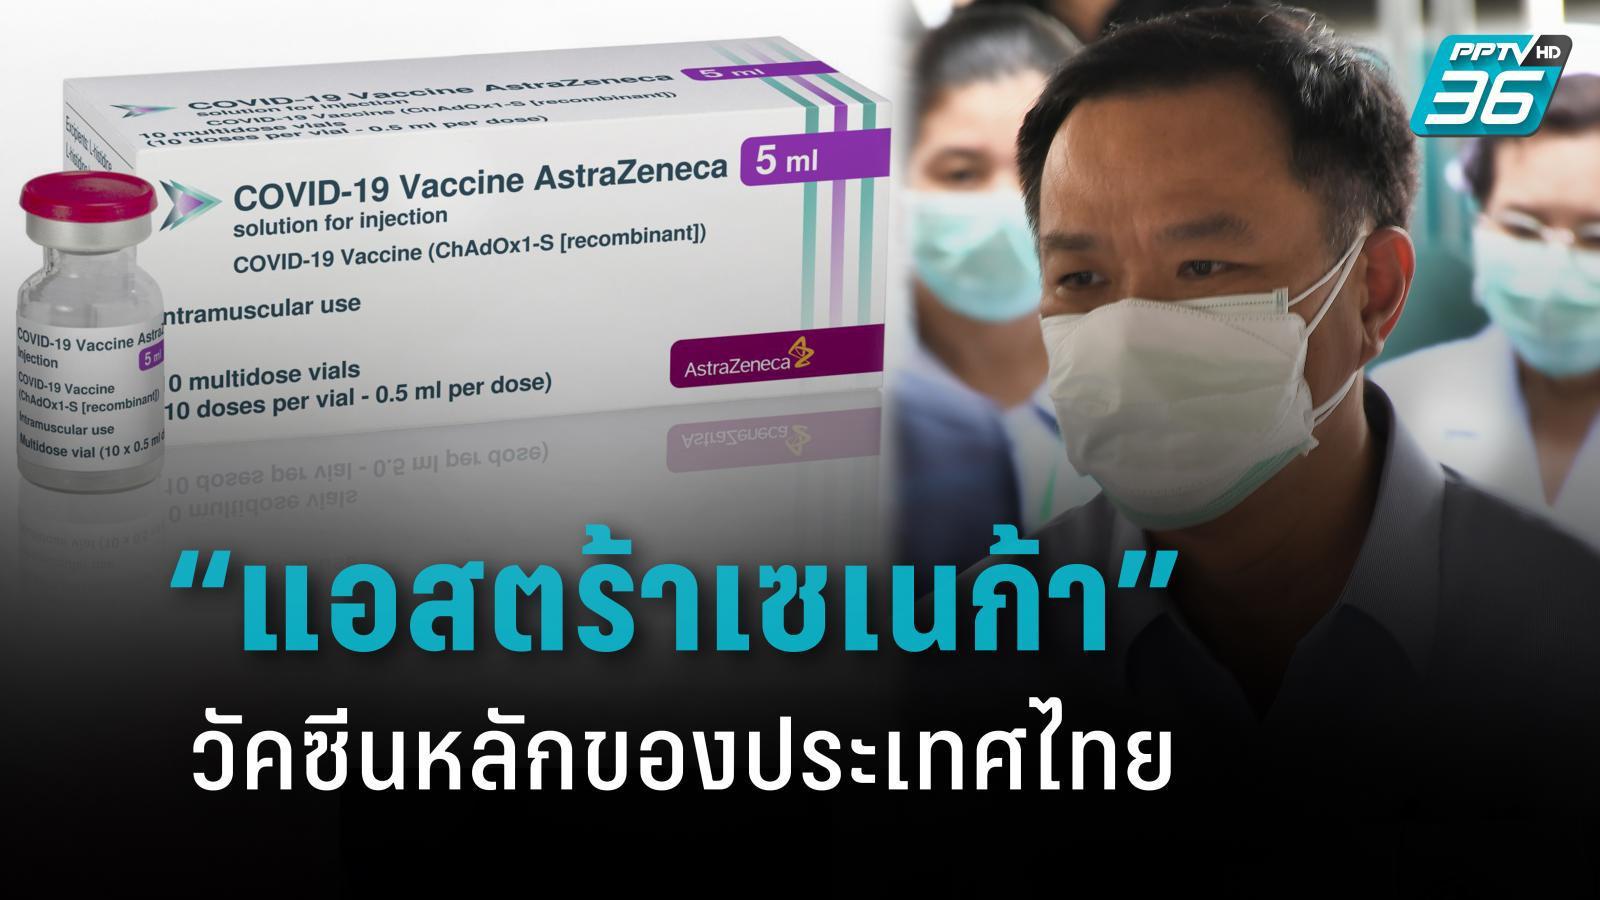 """""""อนุทิน"""" ลั่น """"แอสตร้าเซเนก้า"""" ใช้เป็นวัคซีนหลักของไทย ฉีดให้ประชาชน"""